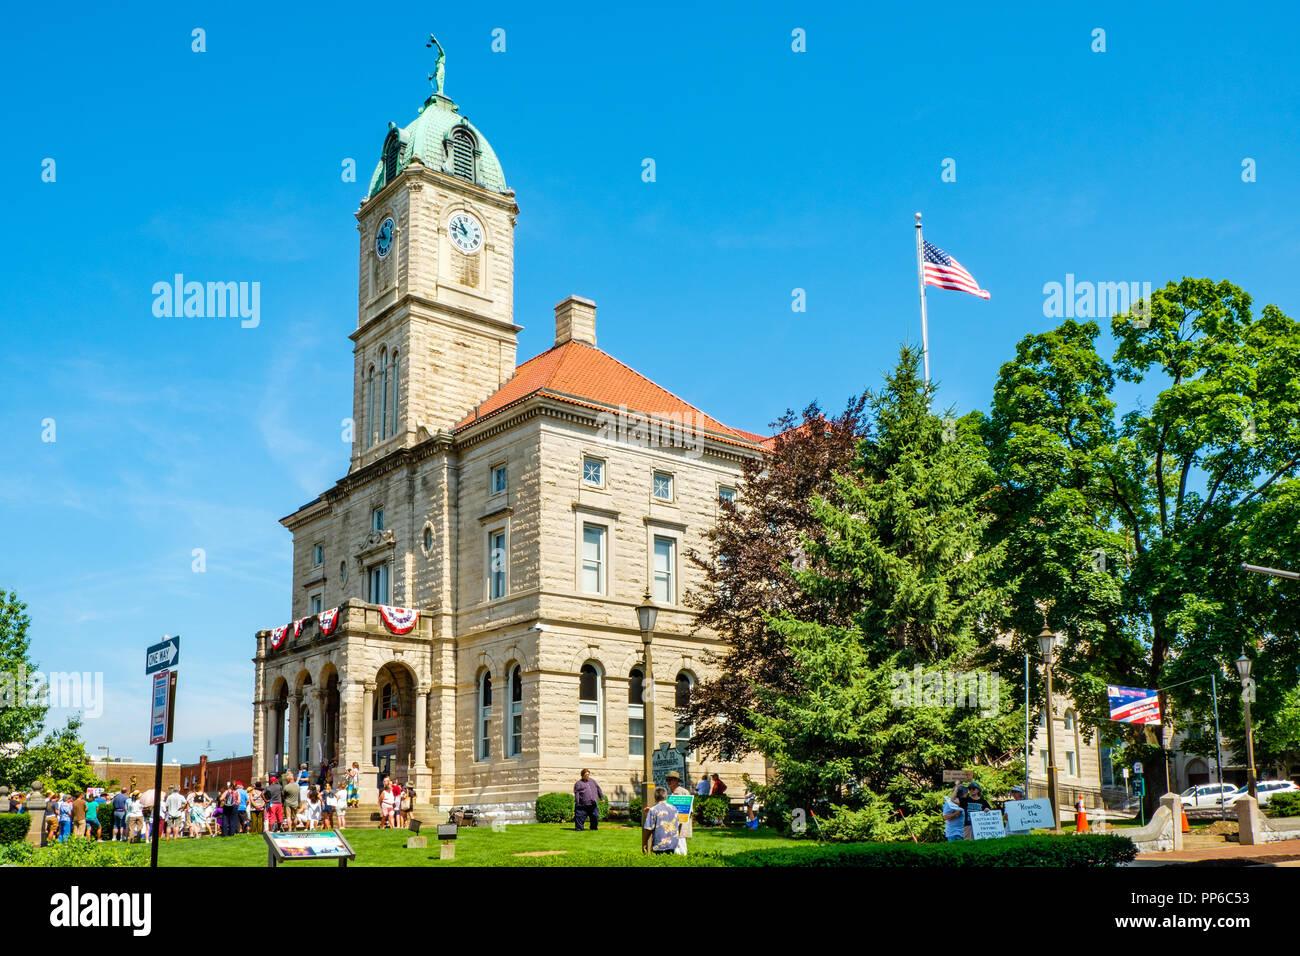 Rockingham County Courthouse, Court Square, Harrisonburg, Virginia - Stock Image